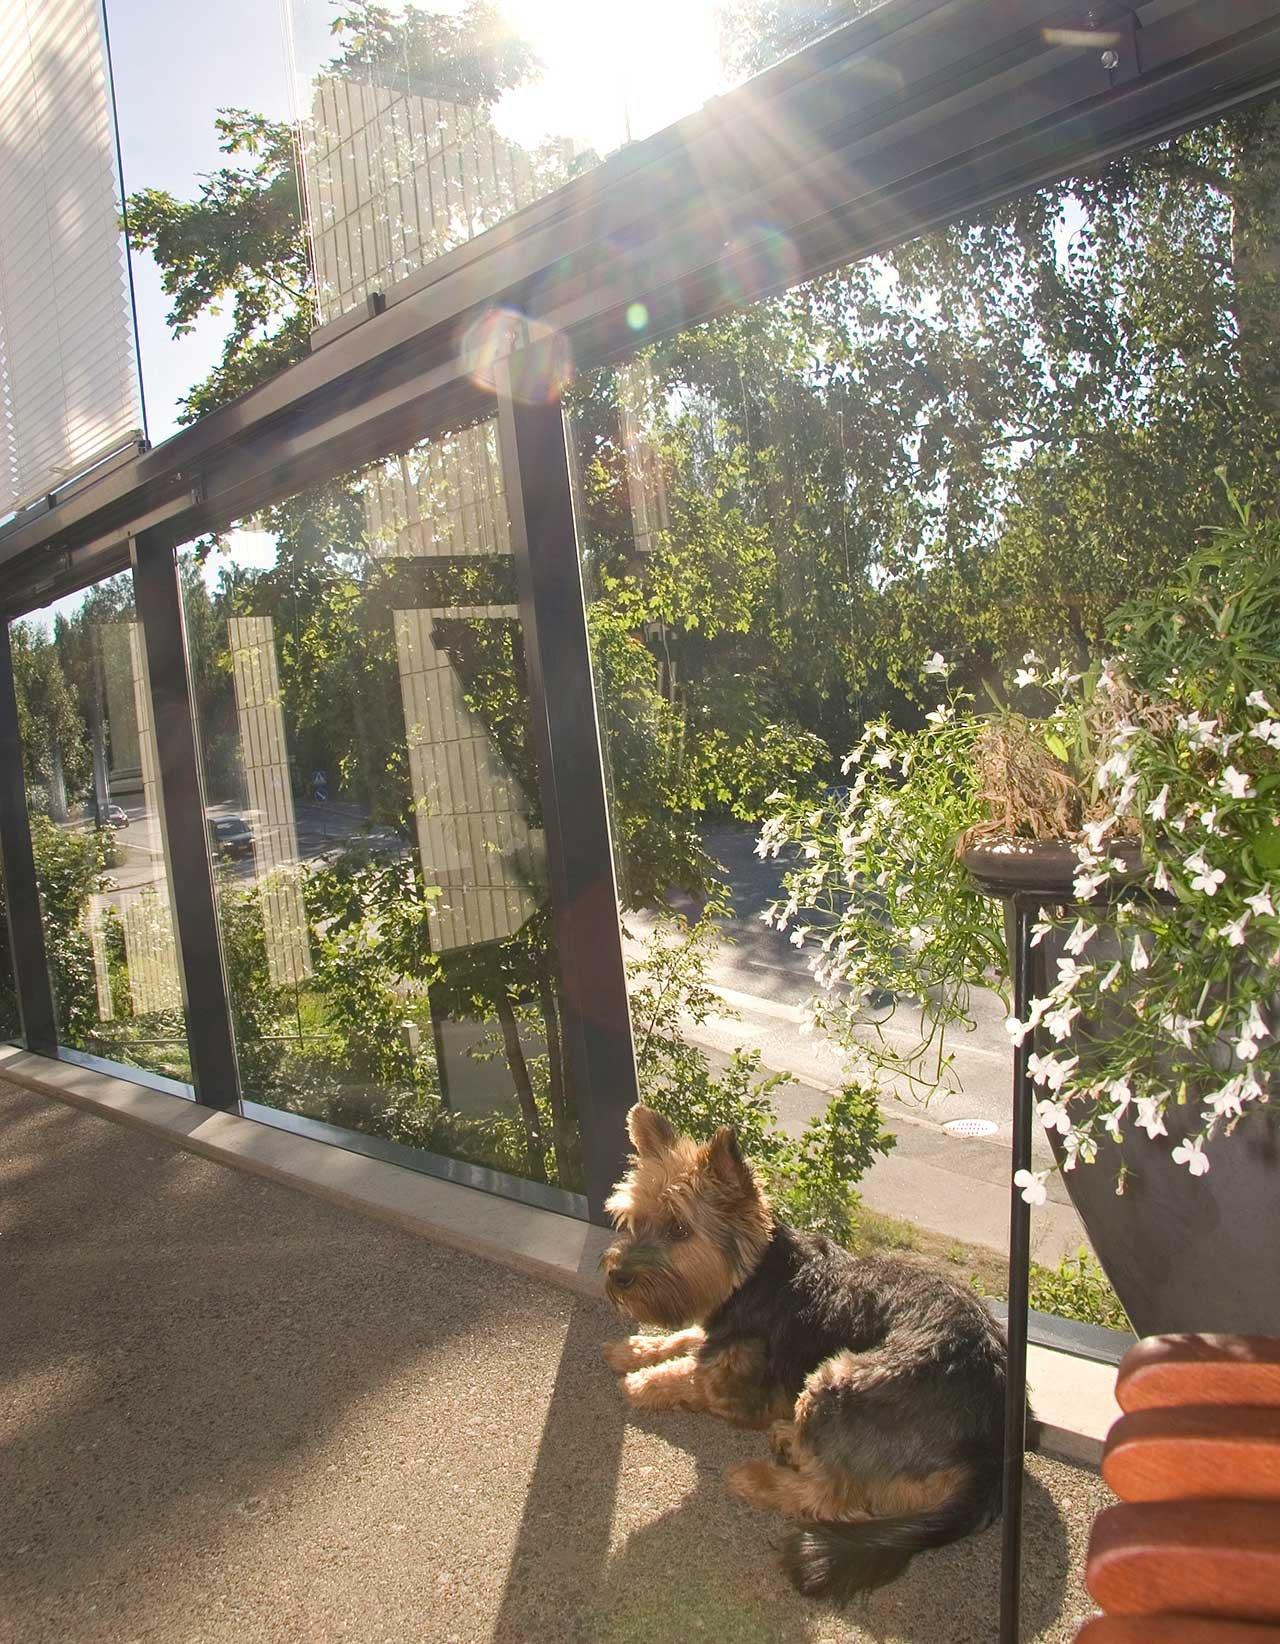 Husdjur på balkongen - Lumon balkonginglasningar